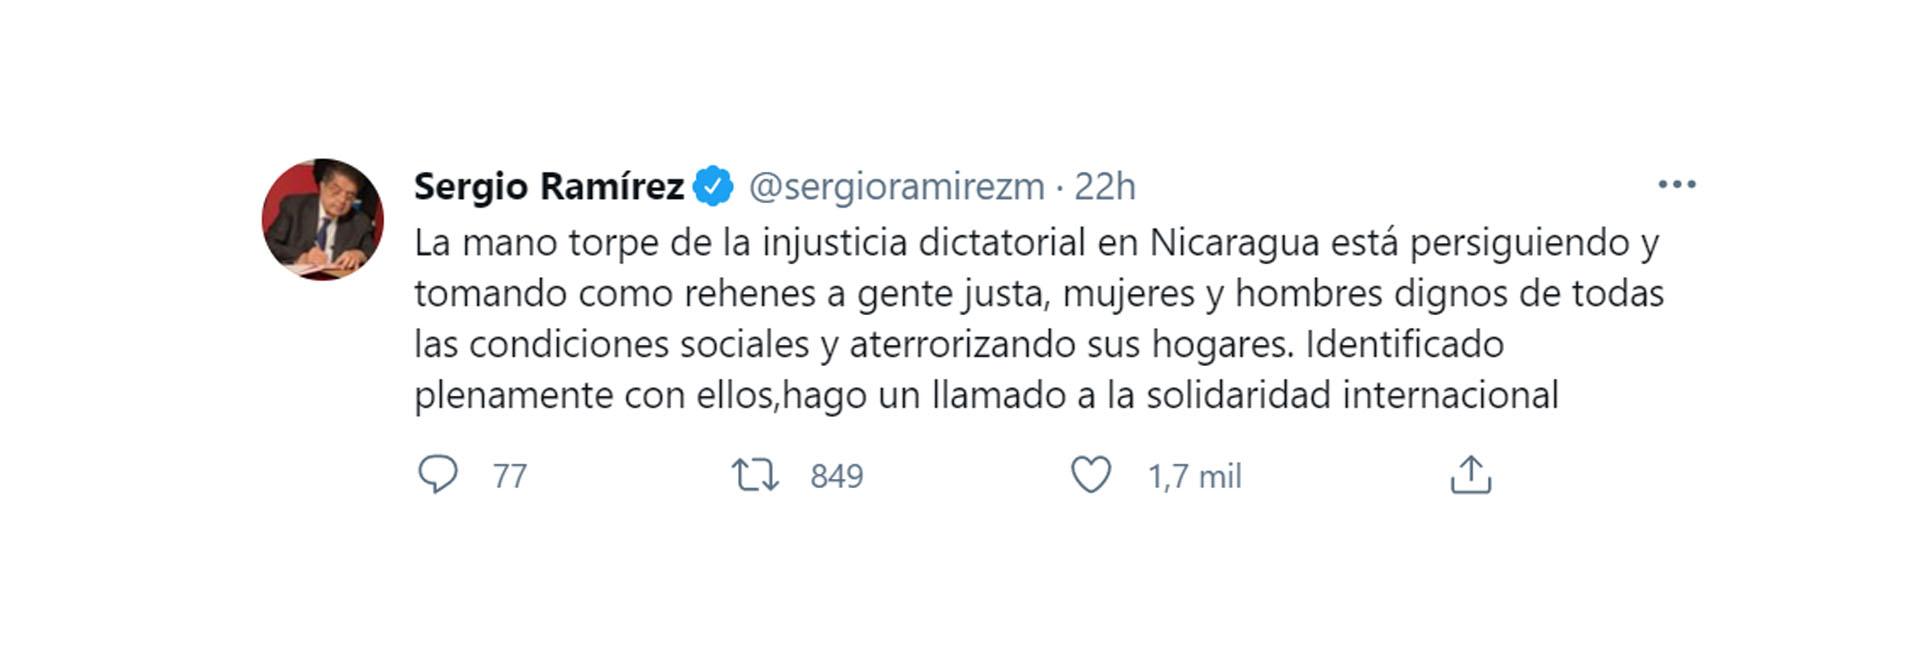 El tuit de Sergio Ramírez